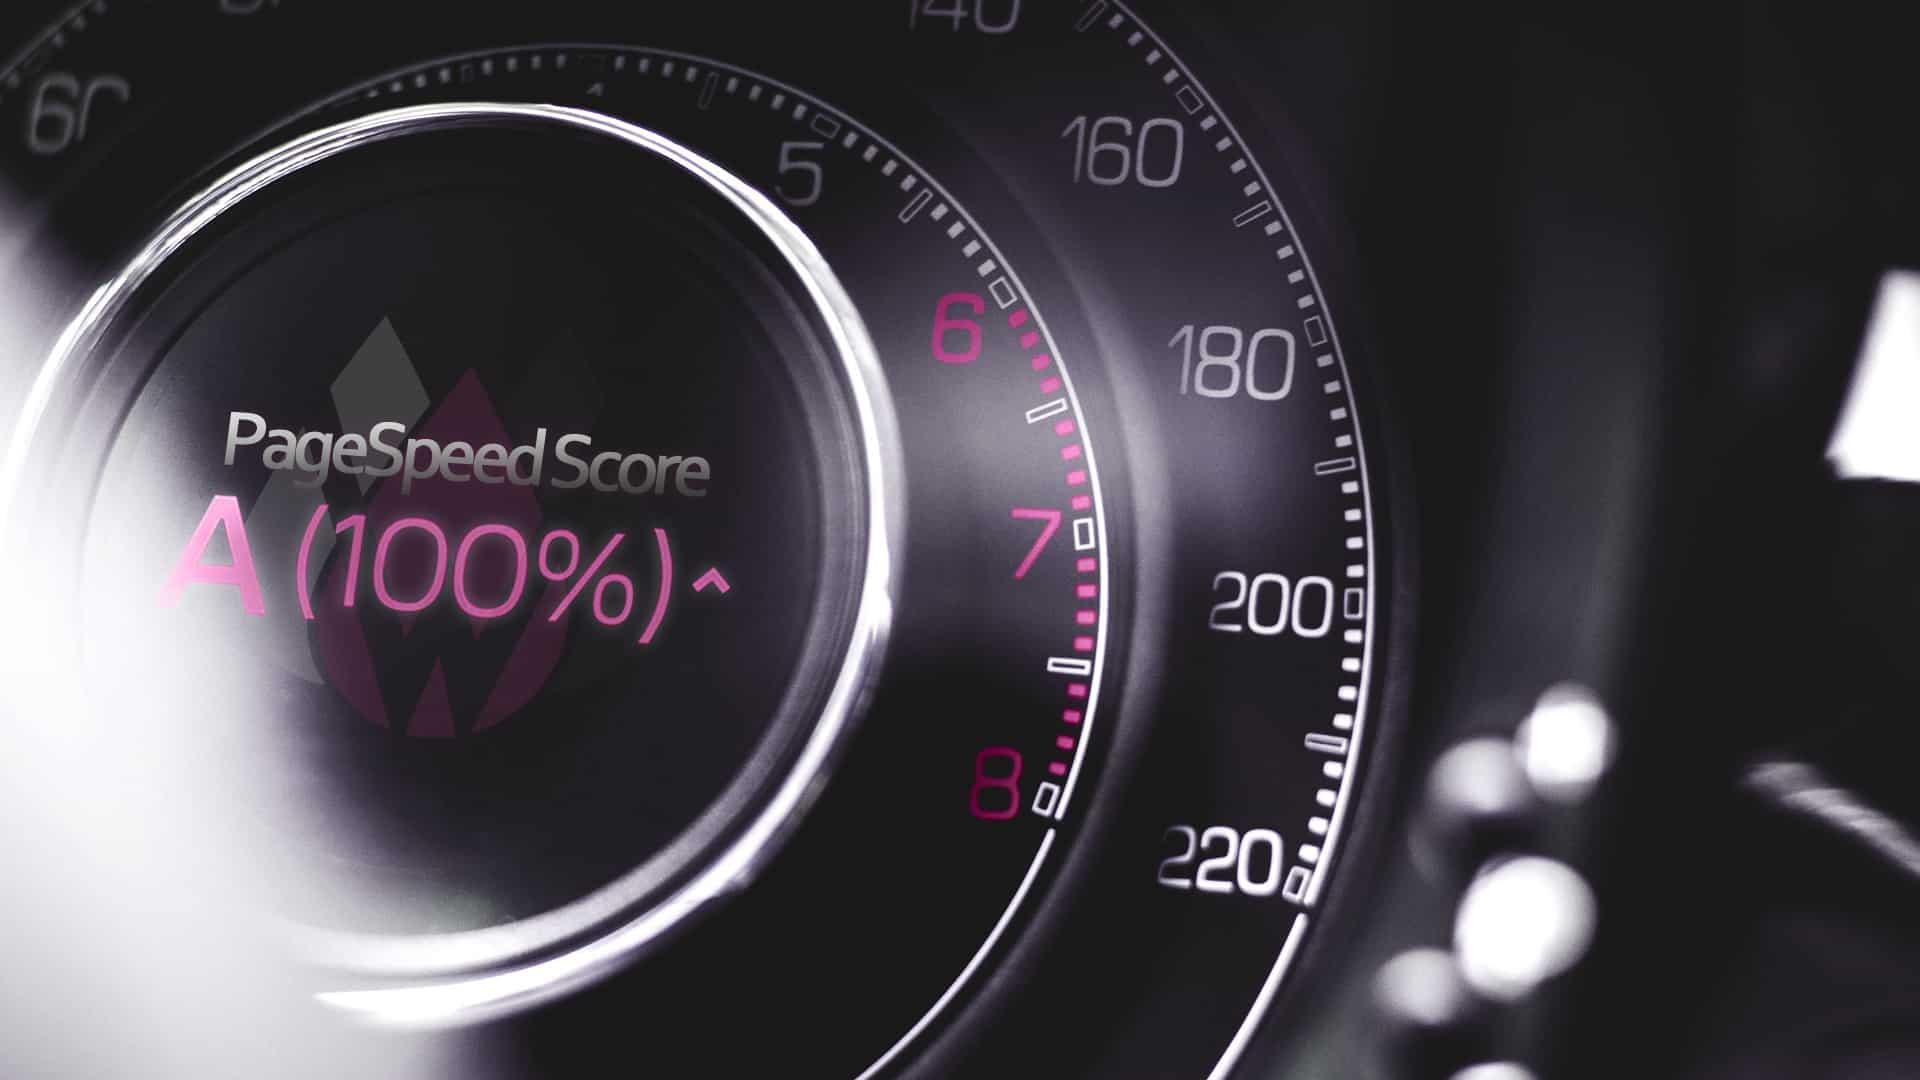 PageSpeed Optimierung - Tachometer: Optimierung von Website-Ladezeiten